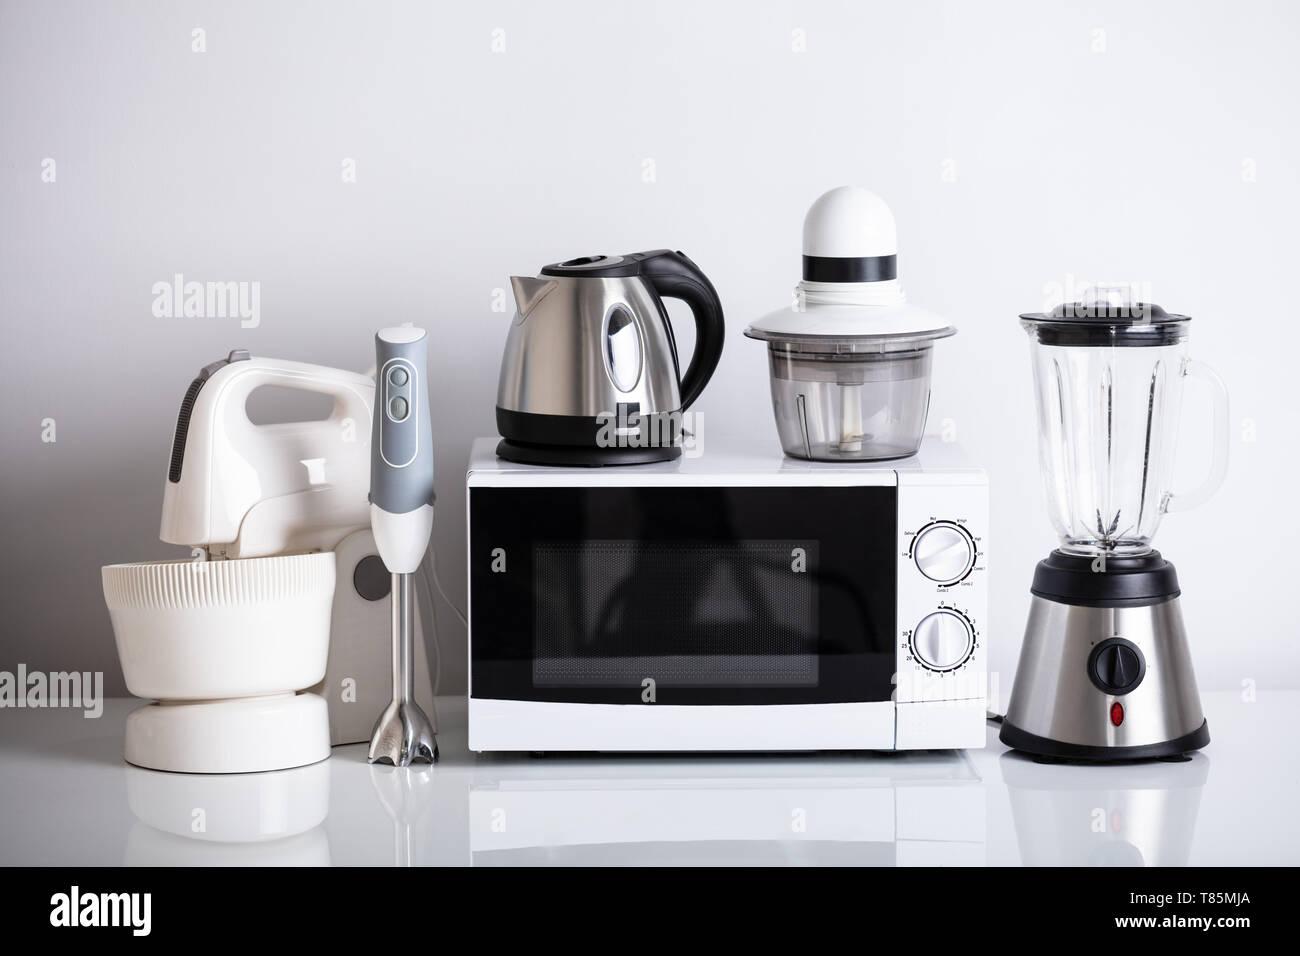 Ampia gamma di elettrodomestici per la cucina con forno su ...